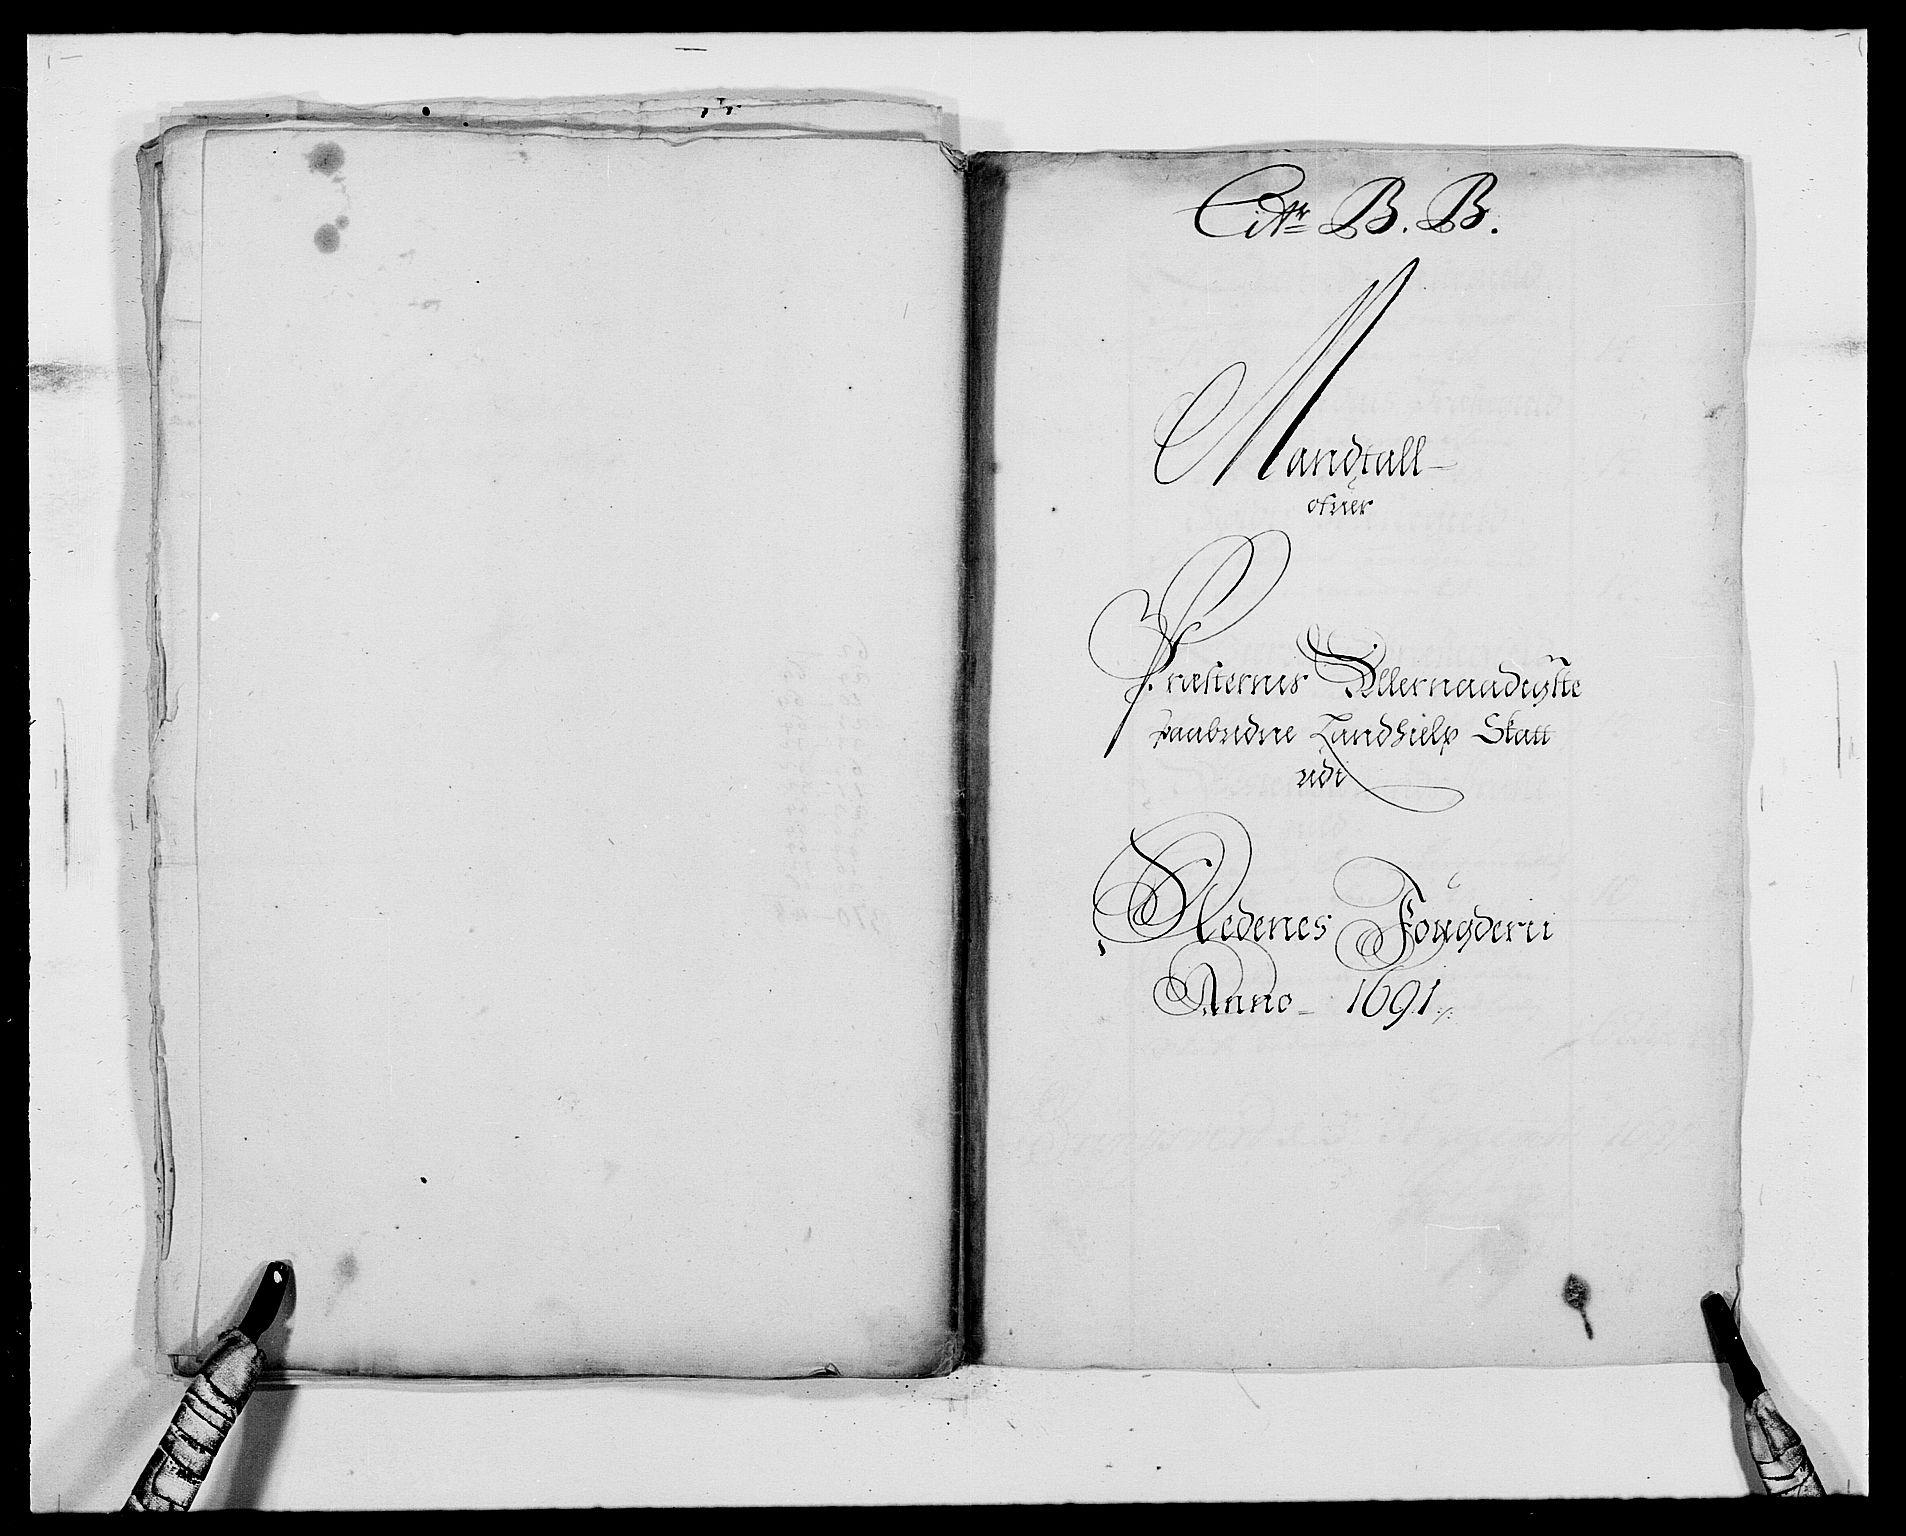 RA, Rentekammeret inntil 1814, Reviderte regnskaper, Fogderegnskap, R39/L2311: Fogderegnskap Nedenes, 1690-1692, s. 142